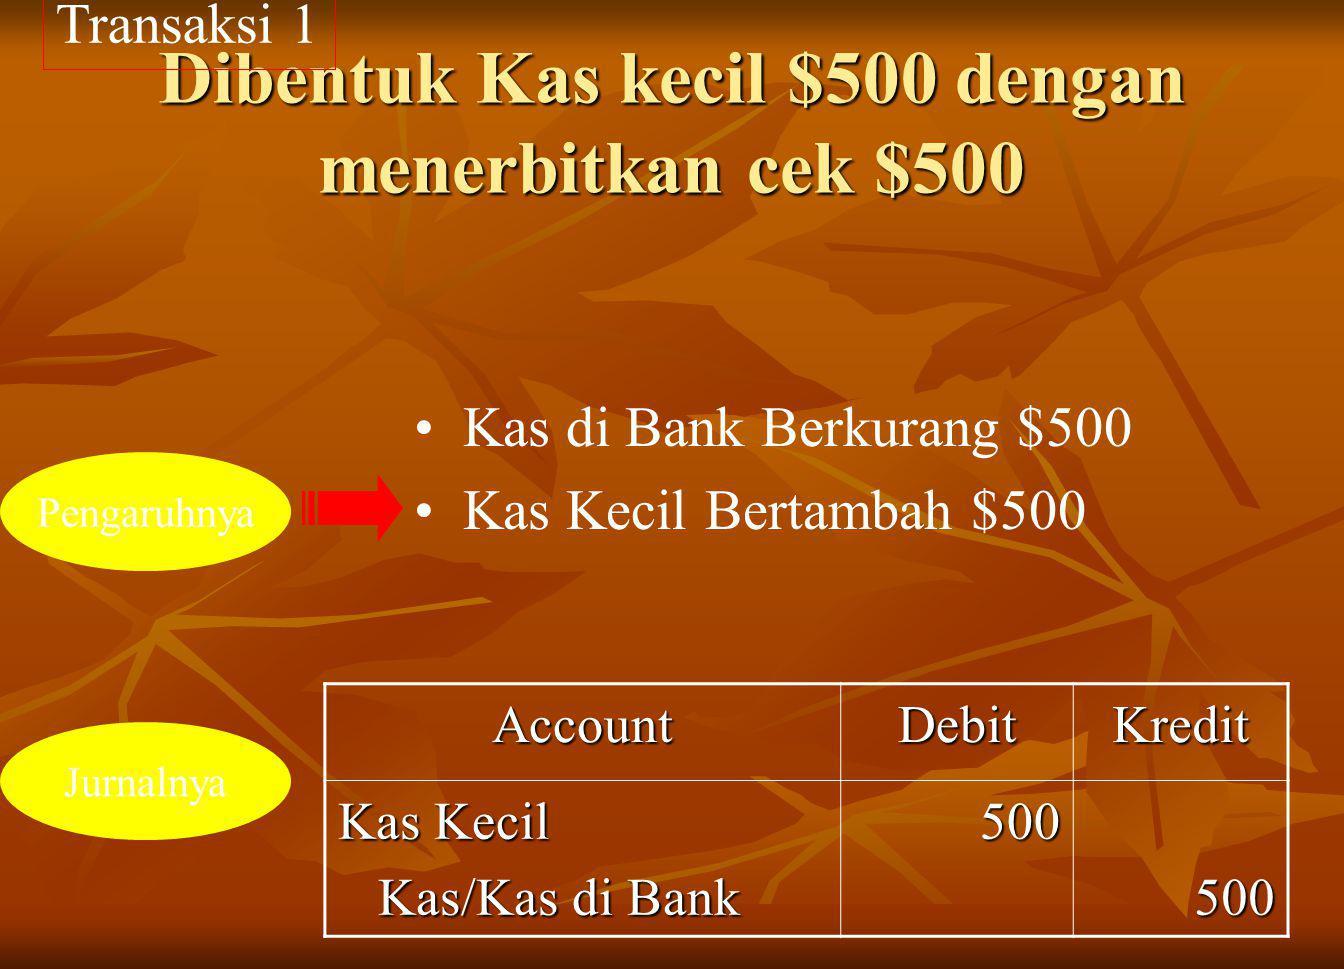 Dibentuk Kas kecil $500 dengan menerbitkan cek $500 AccountDebitKredit Kas Kecil Kas/Kas di Bank Kas/Kas di Bank500500 Kas di Bank Berkurang $500 Kas Kecil Bertambah $500 Transaksi 1 Pengaruhnya Jurnalnya